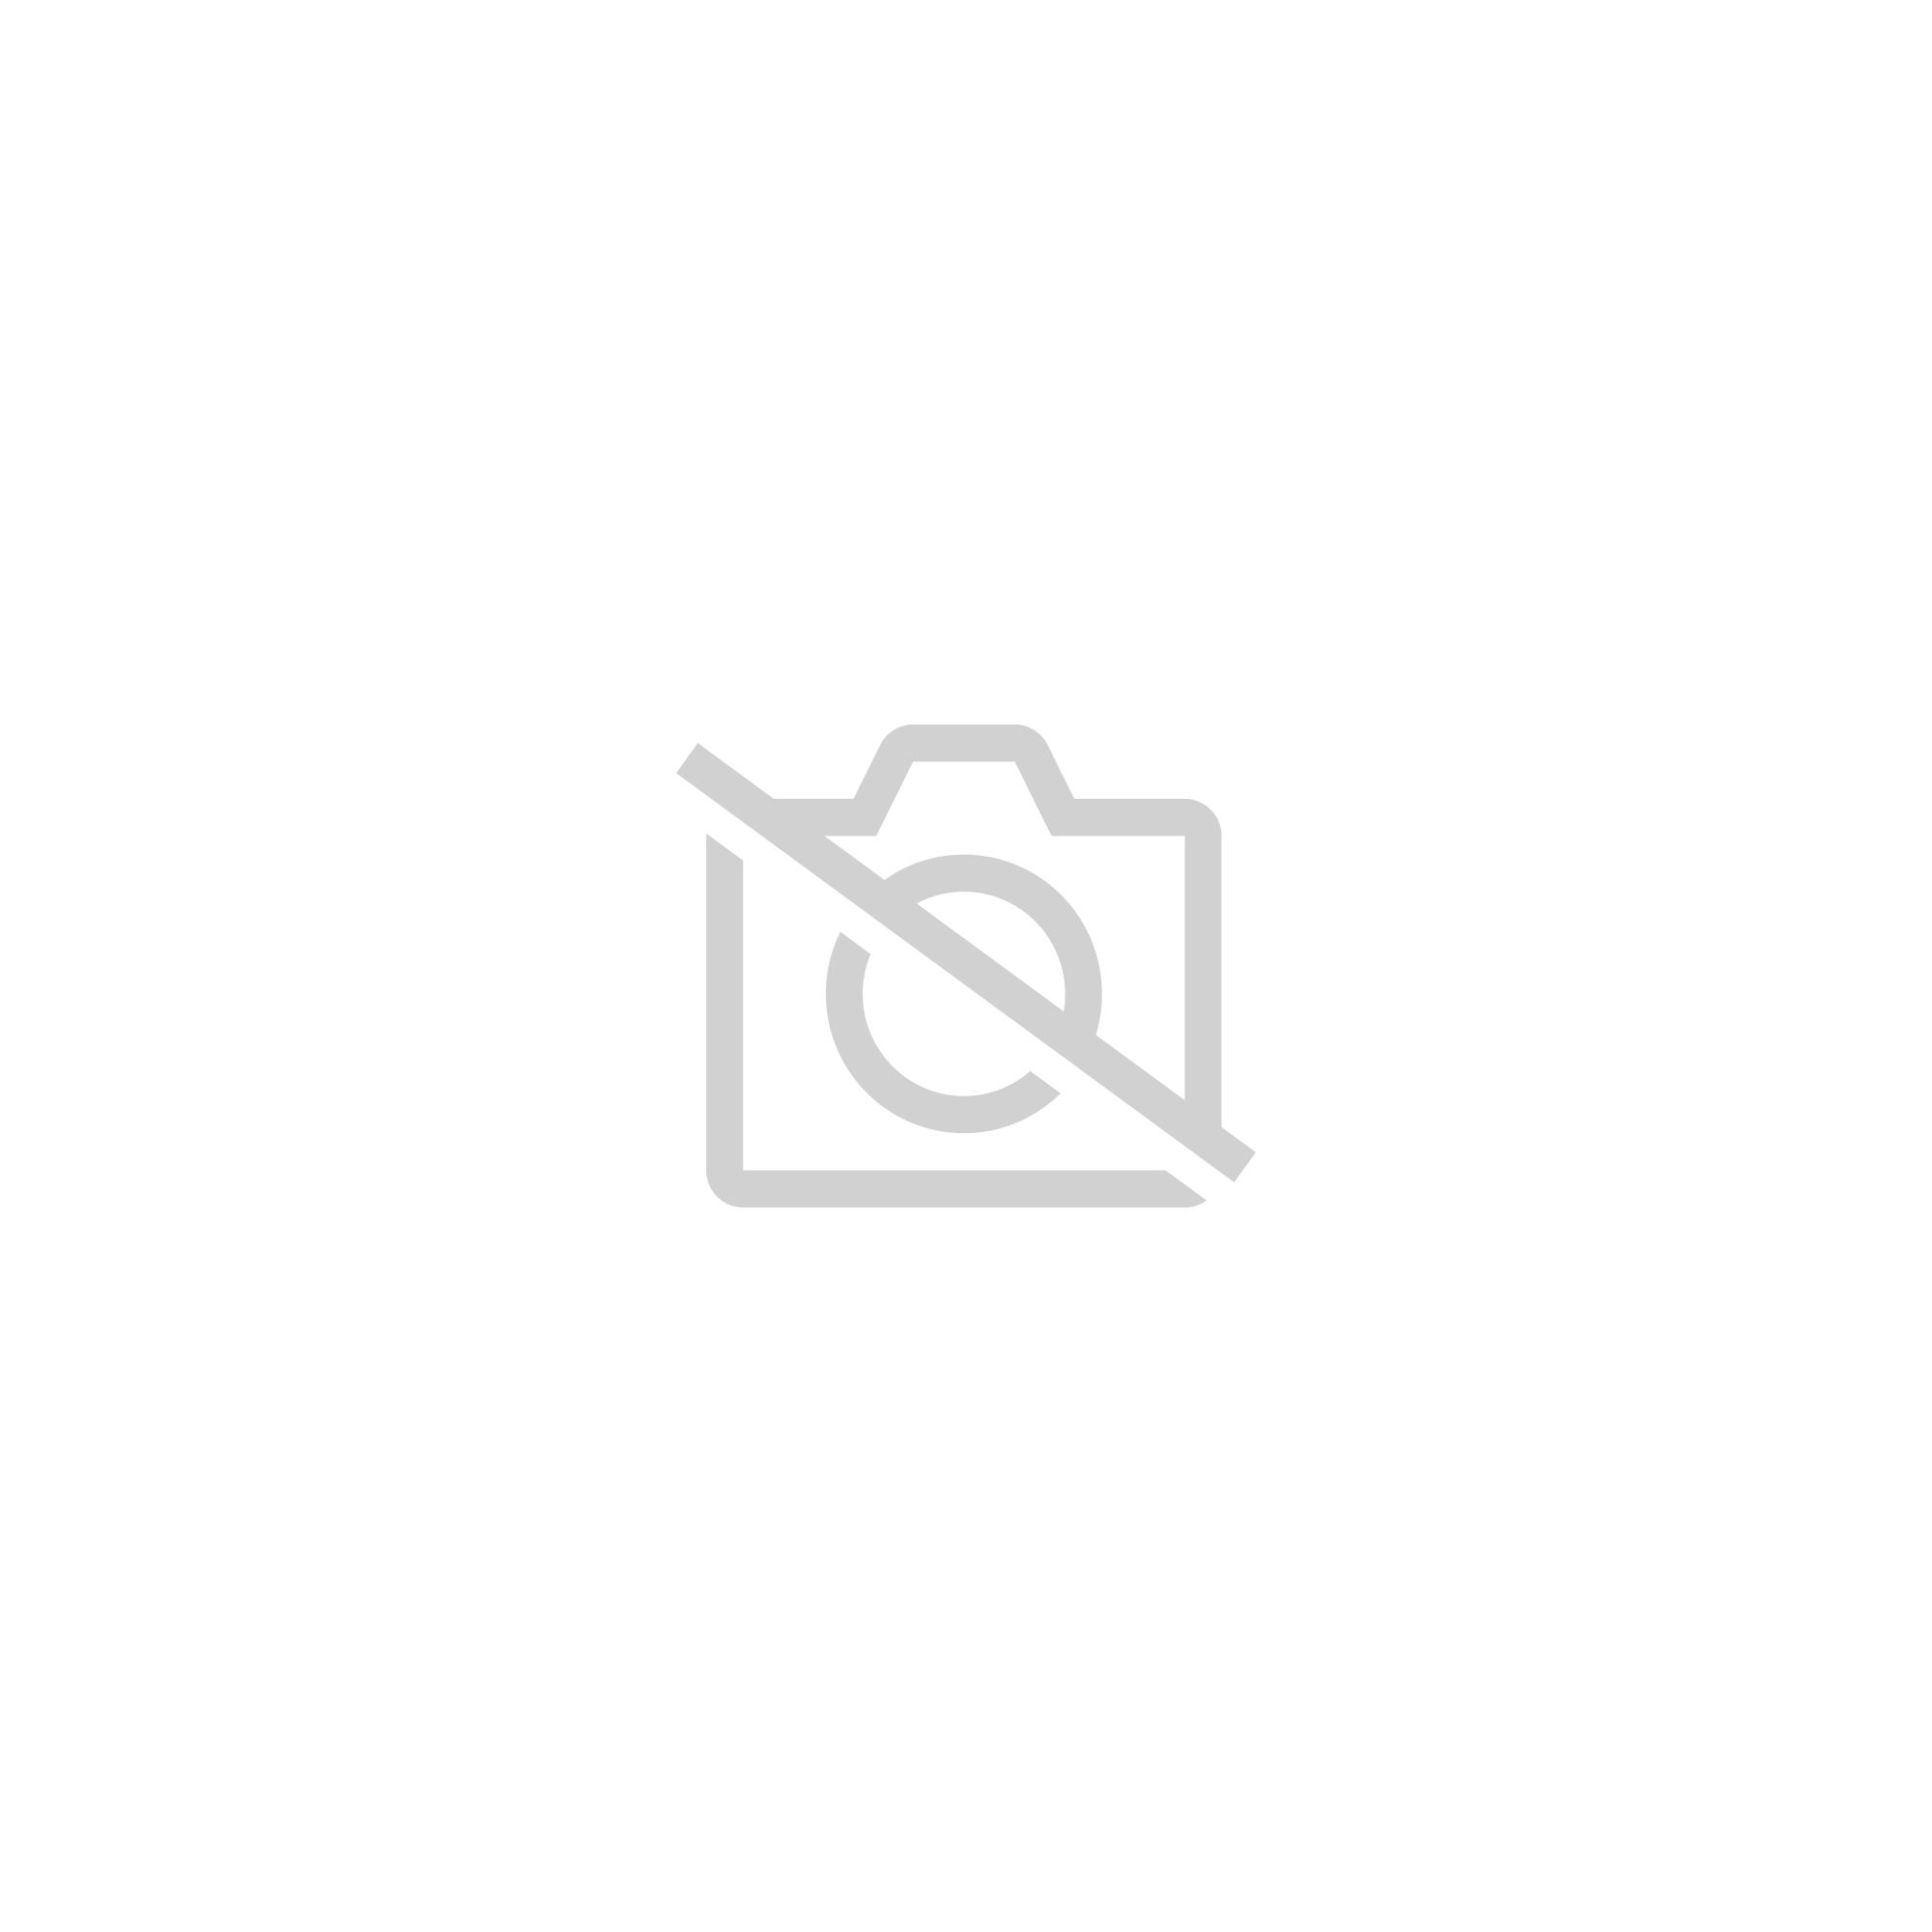 Cire de beauté térébenthinée - 400 ml - Kiraviv SINTO